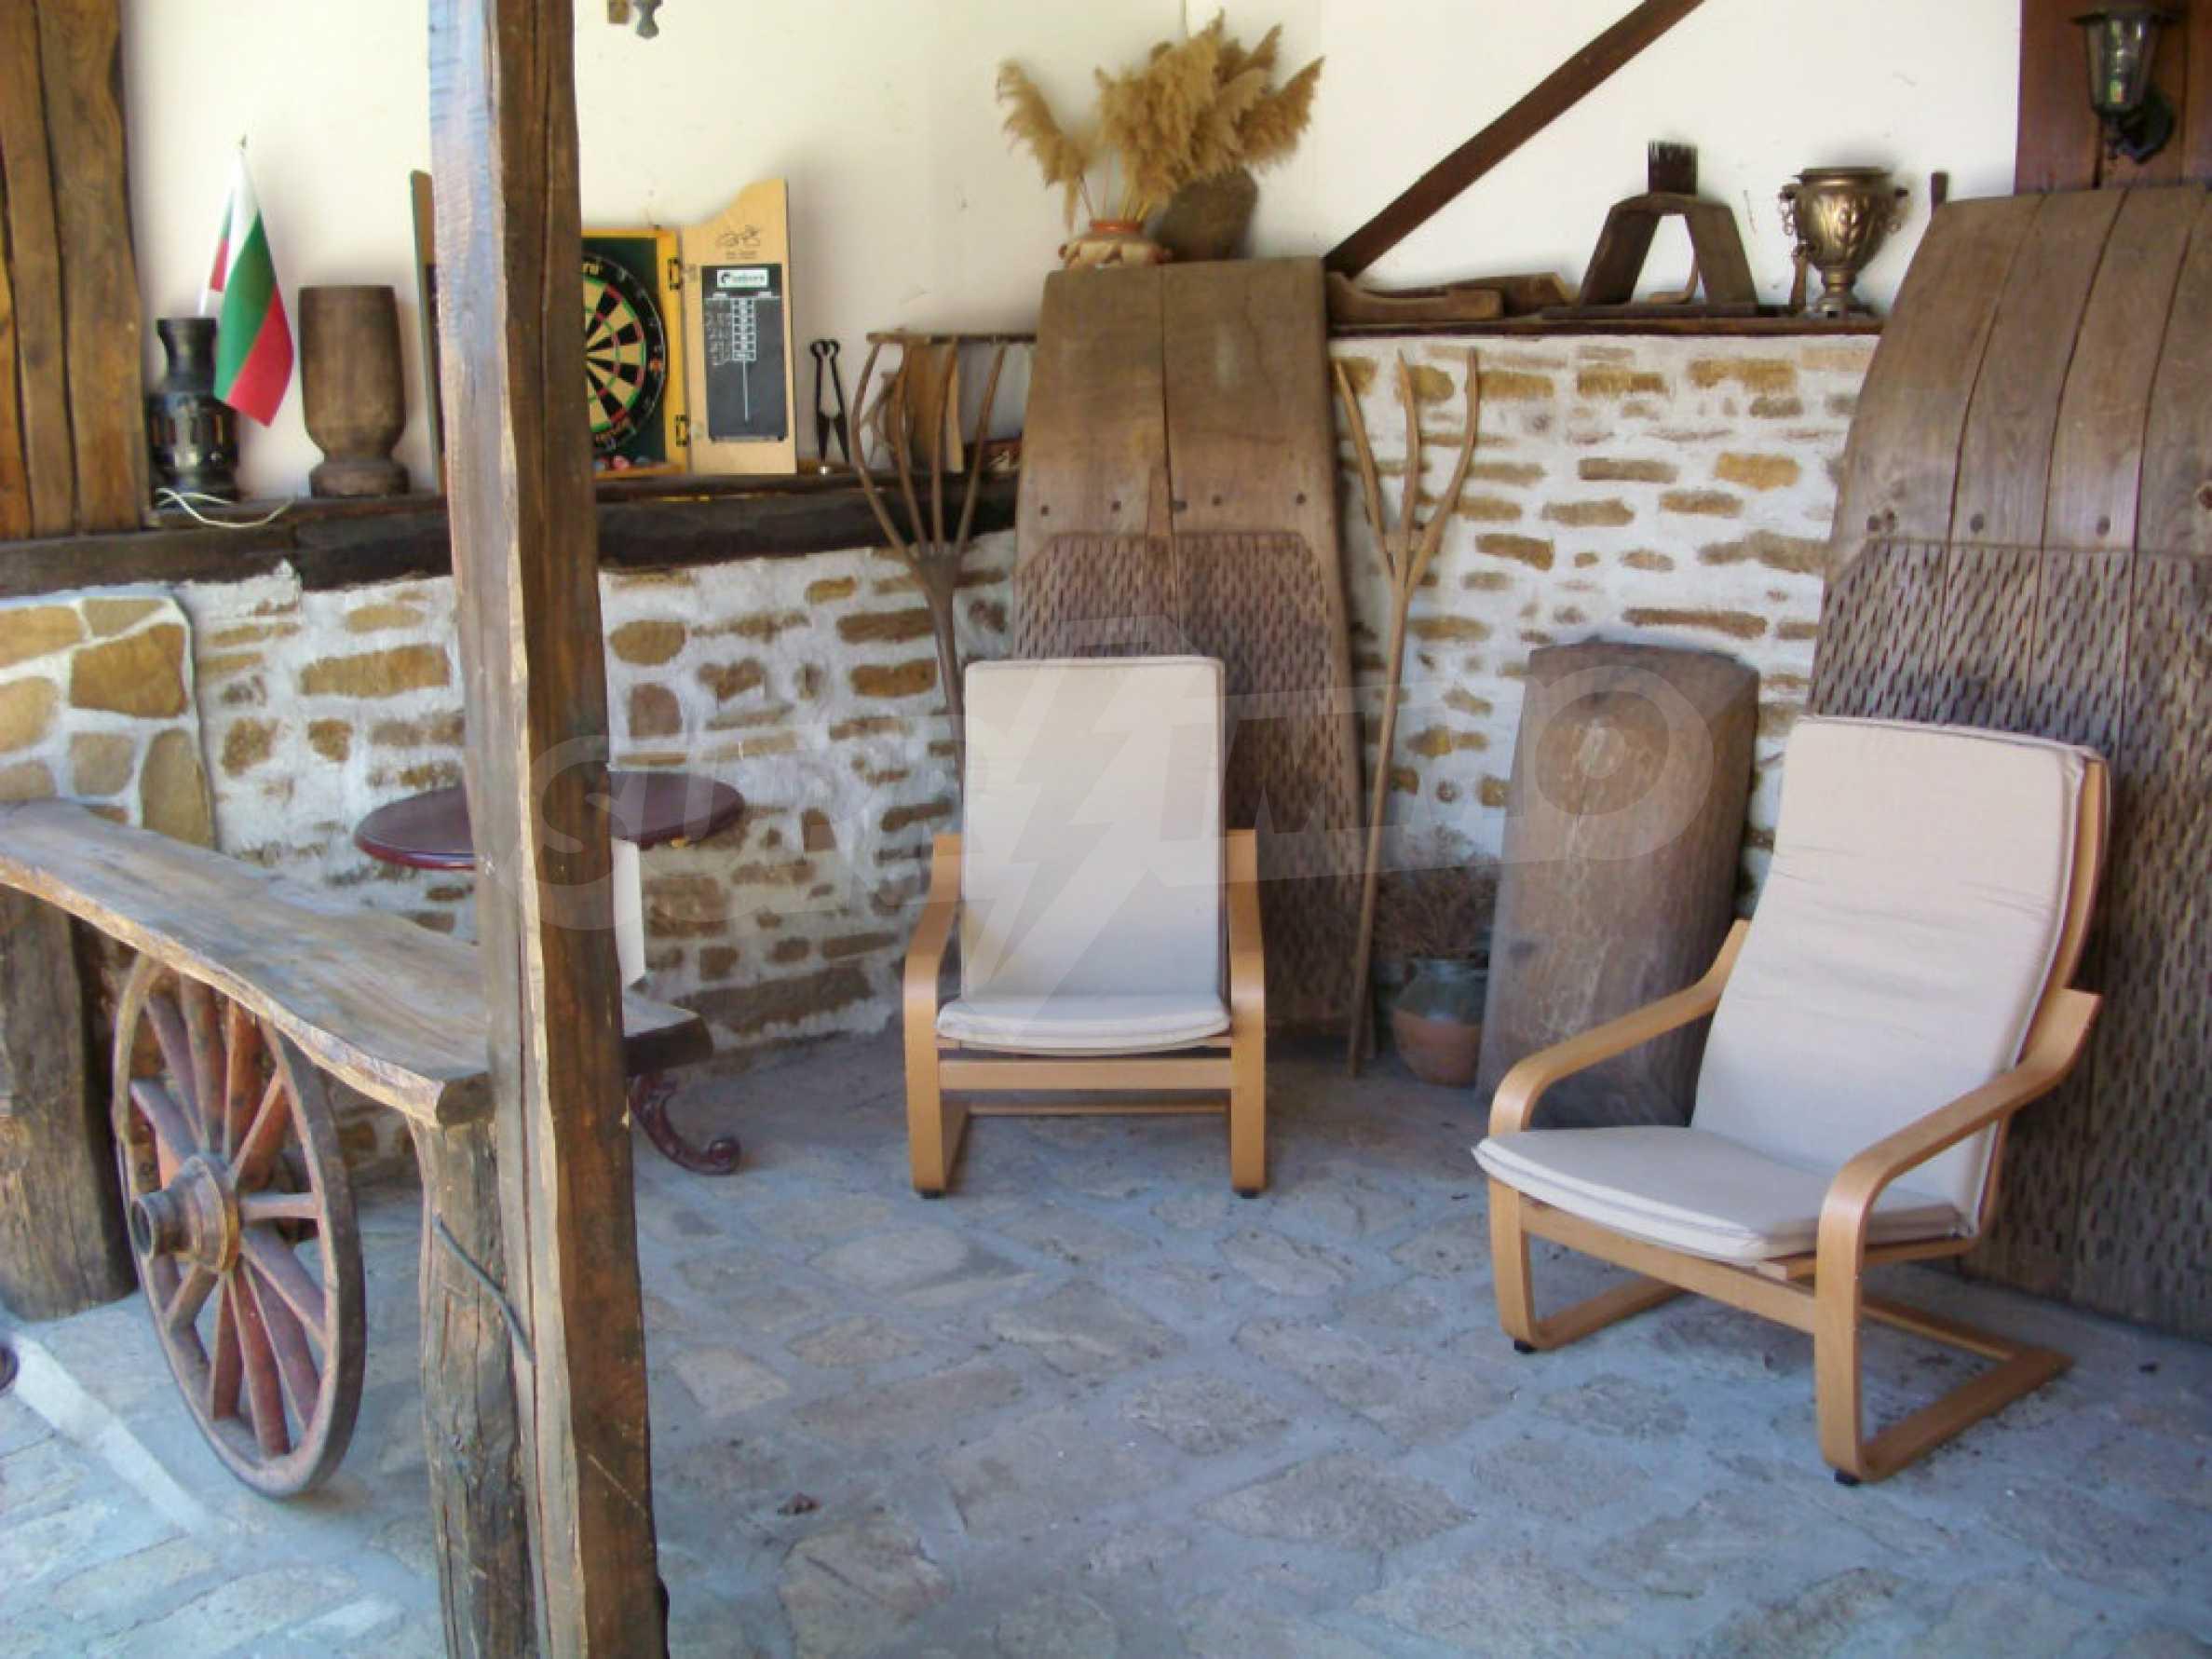 Vollständig möbliertes Anwesen im erhaltenen traditionellen bulgarischen Stil 30